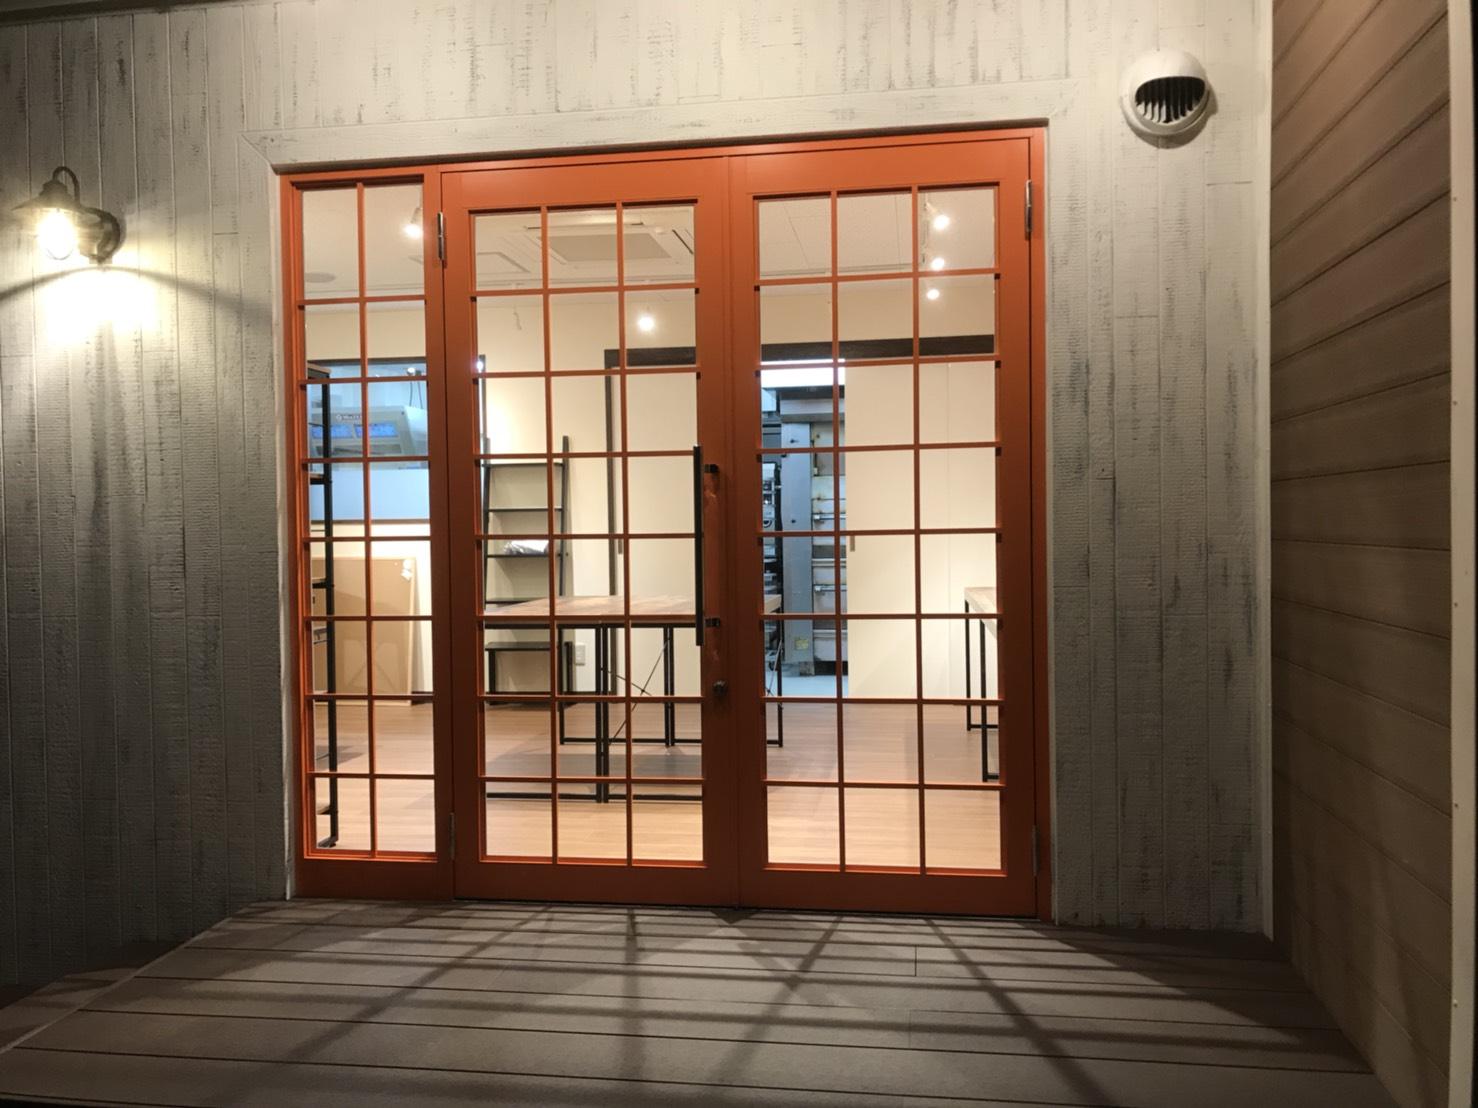 埼玉県日高市の建築資材の販売、それに伴う工事なら【株式会社丸仙】